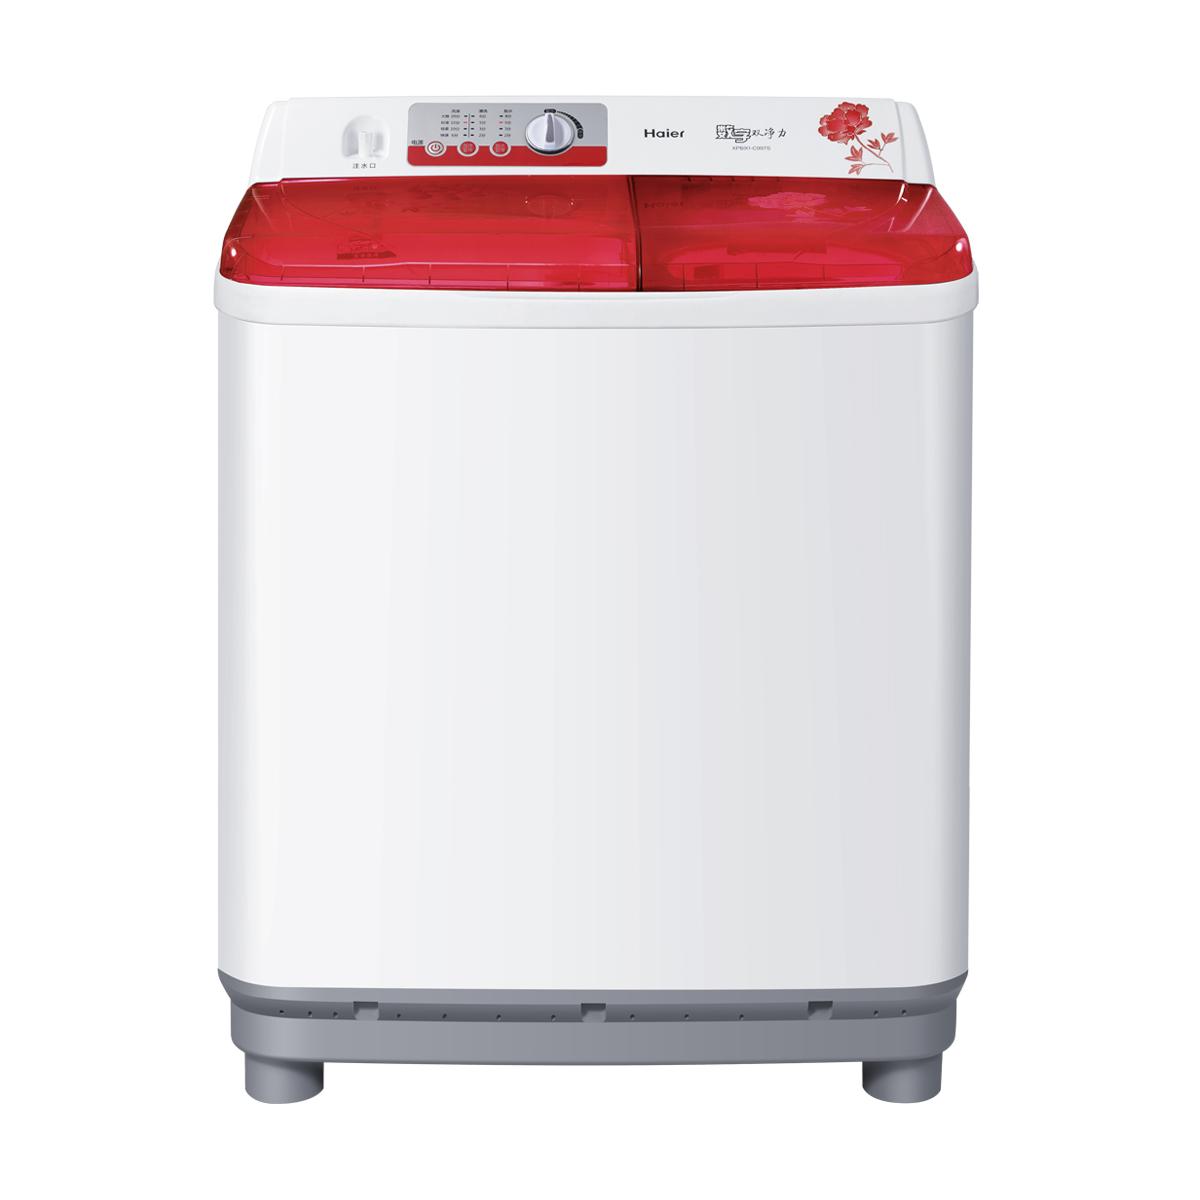 海尔Haier洗衣机 XPB90-C997S 说明书